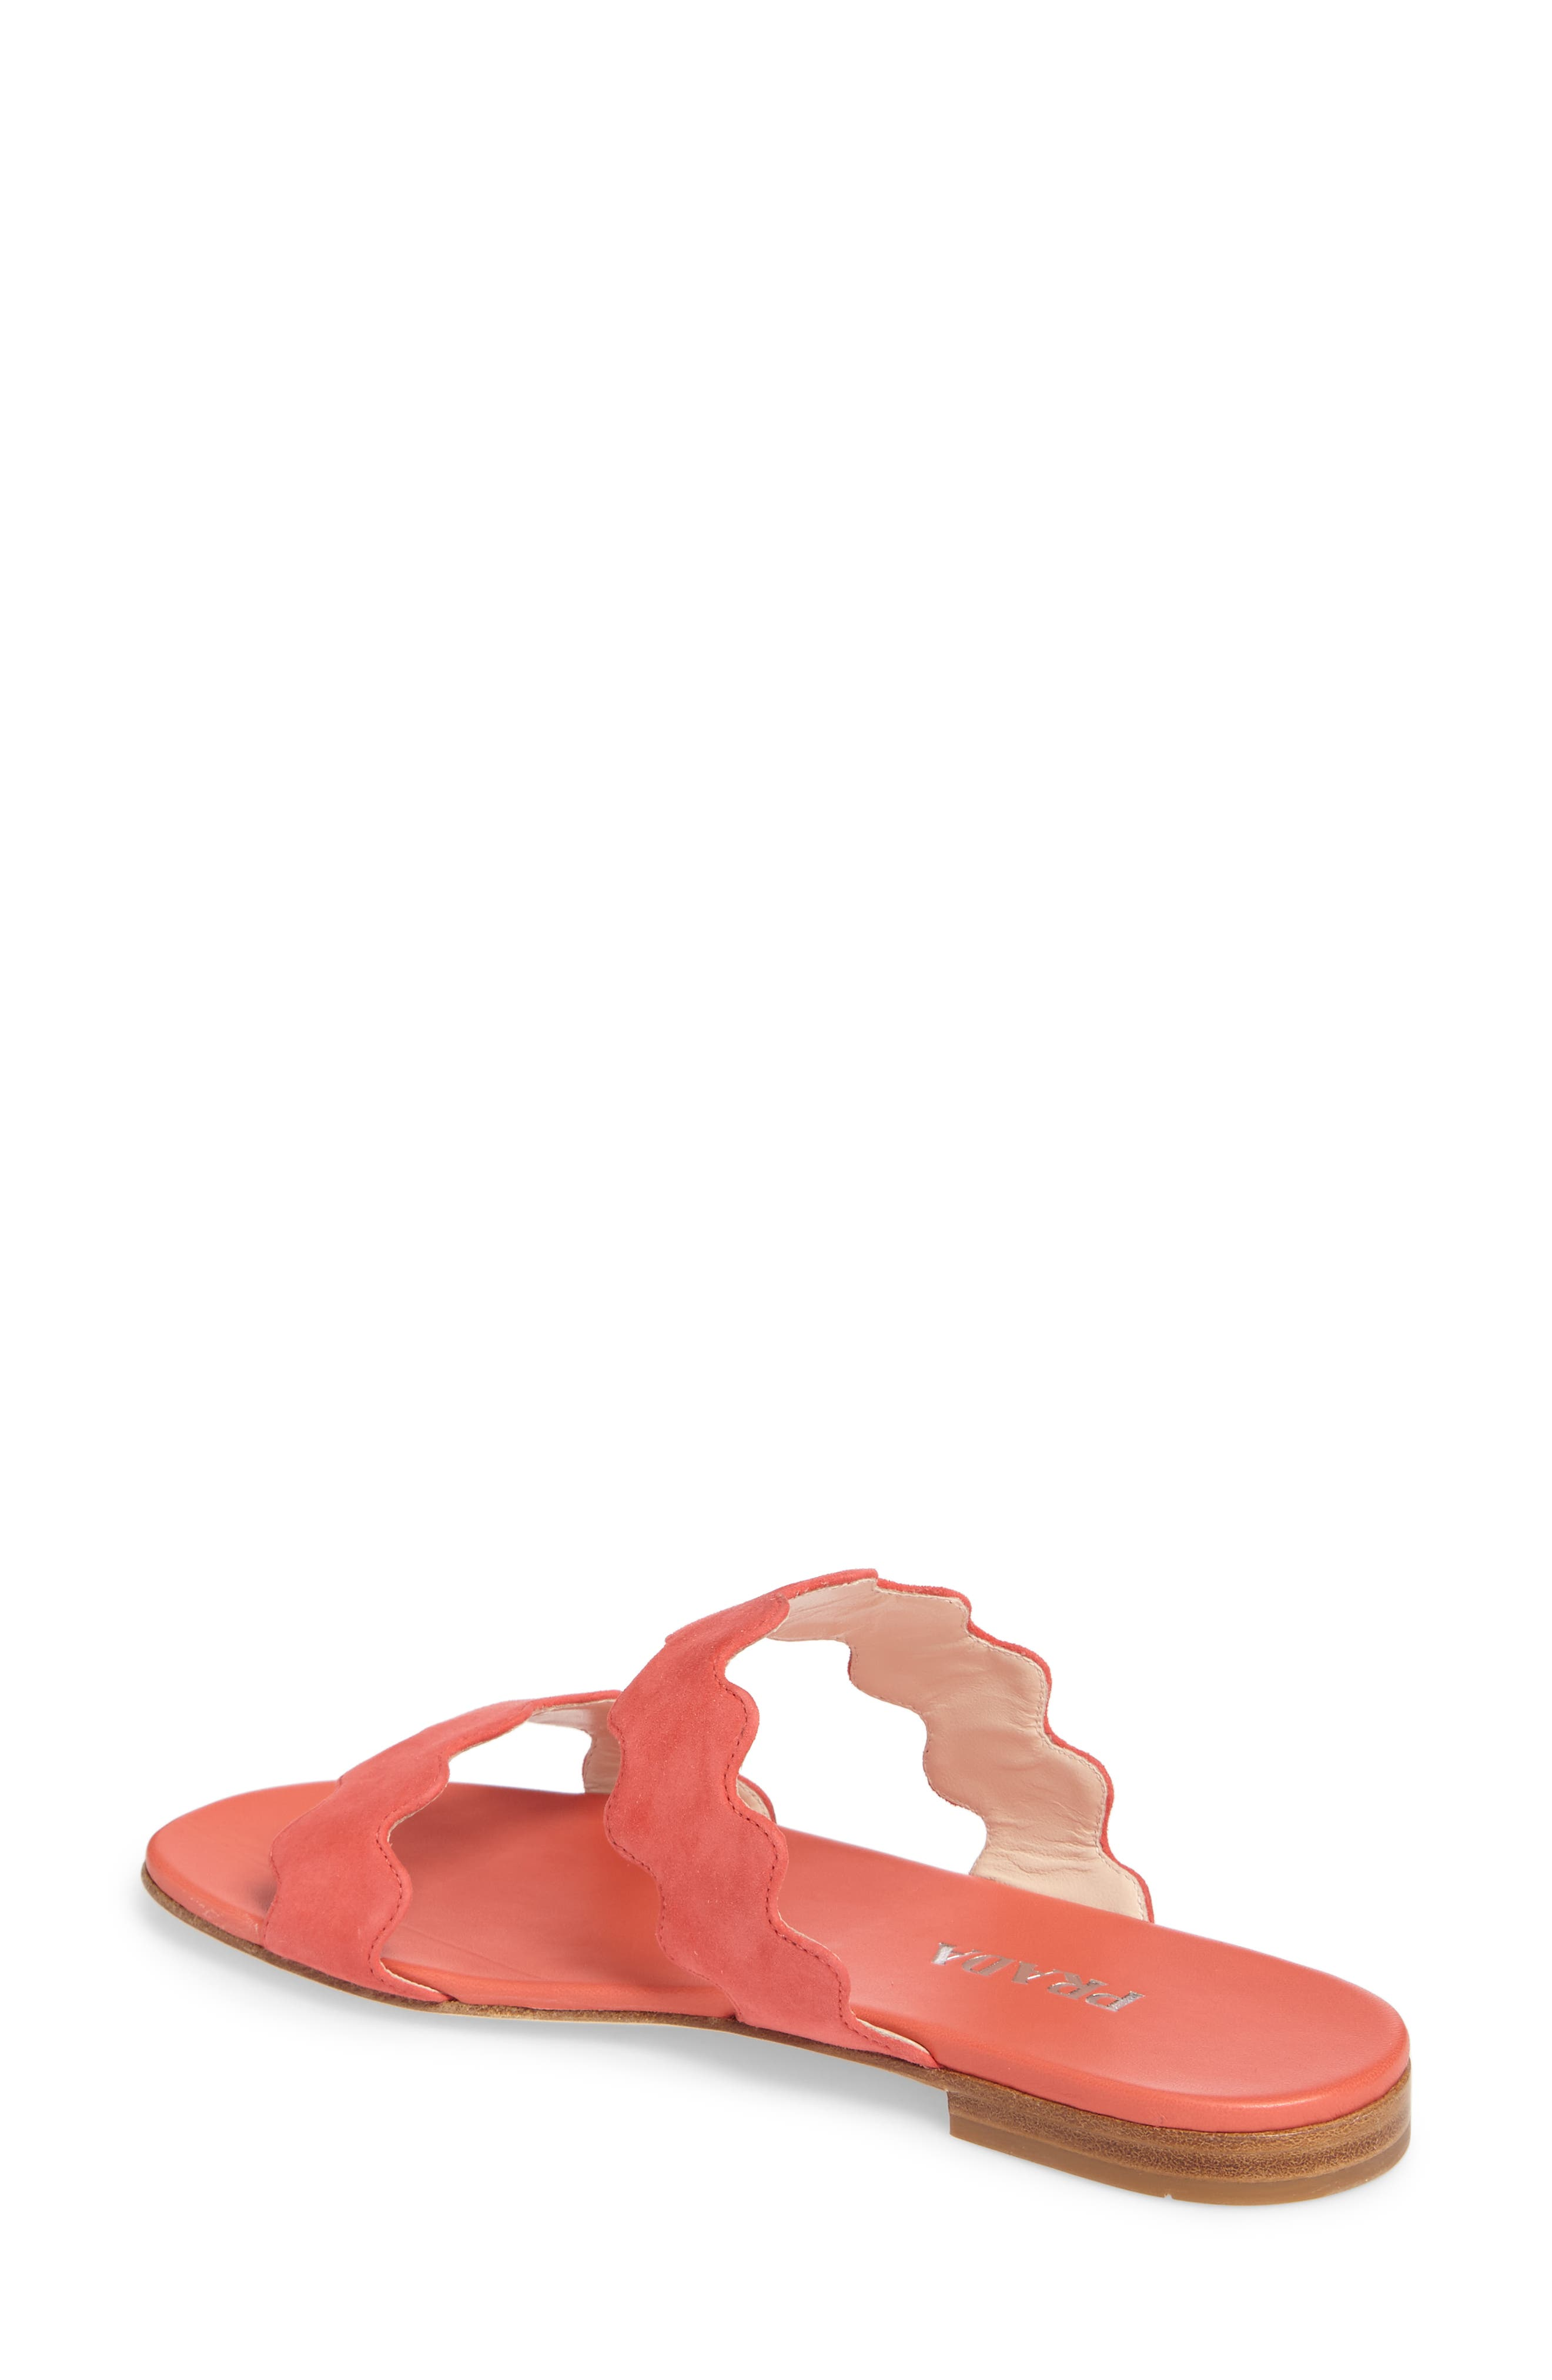 Double Strap Wave Sandal,                             Alternate thumbnail 2, color,                             Corallo